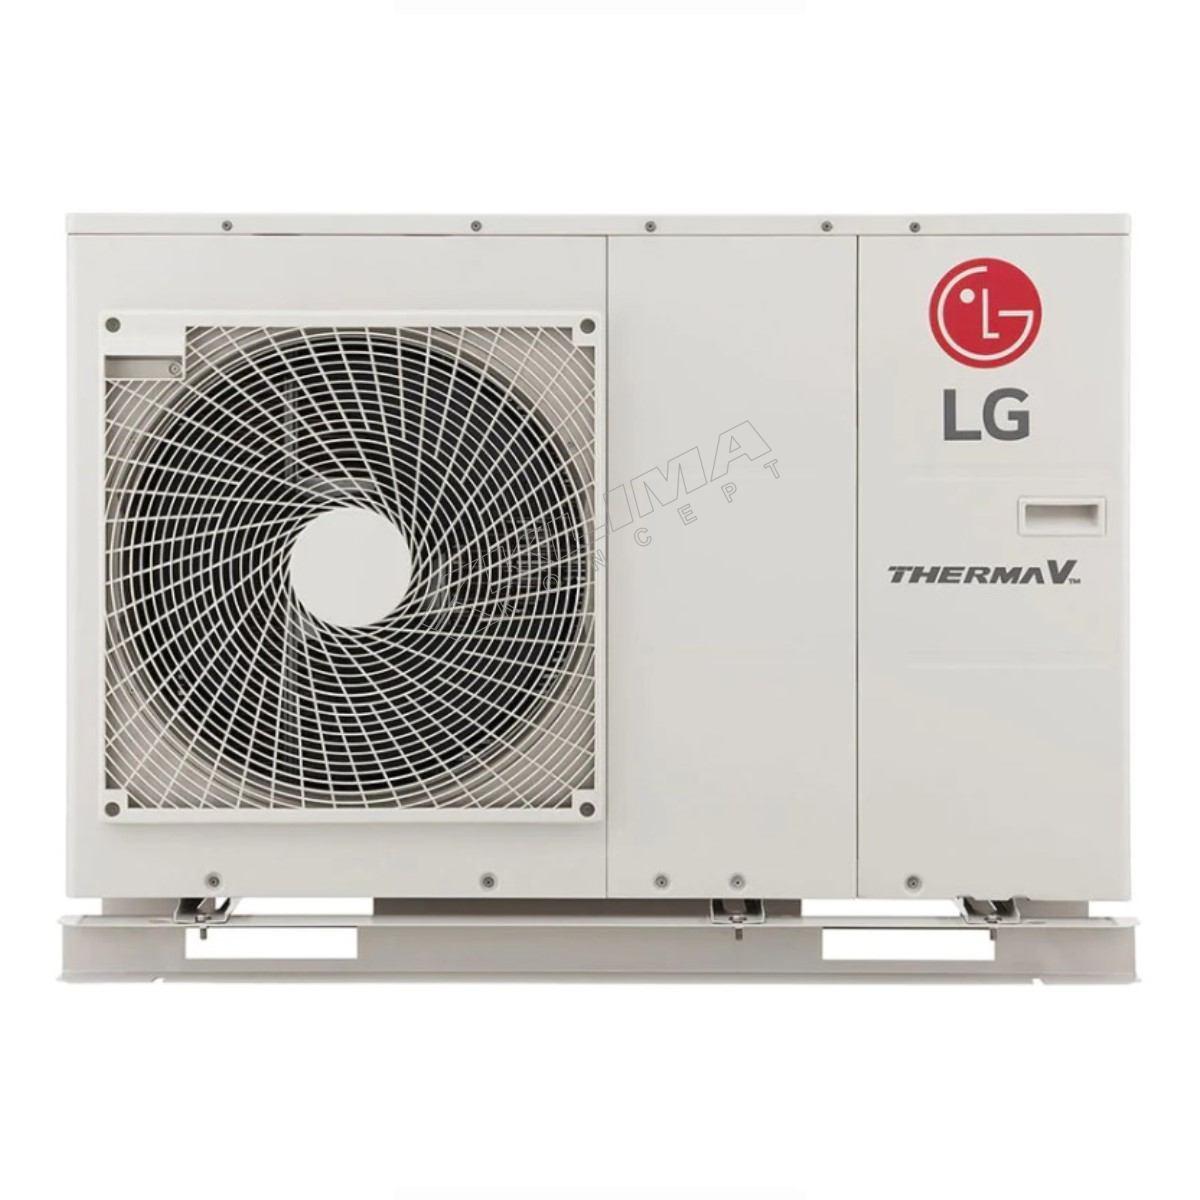 LG DIZALICA TOPLINE HM051M.U43 R-32